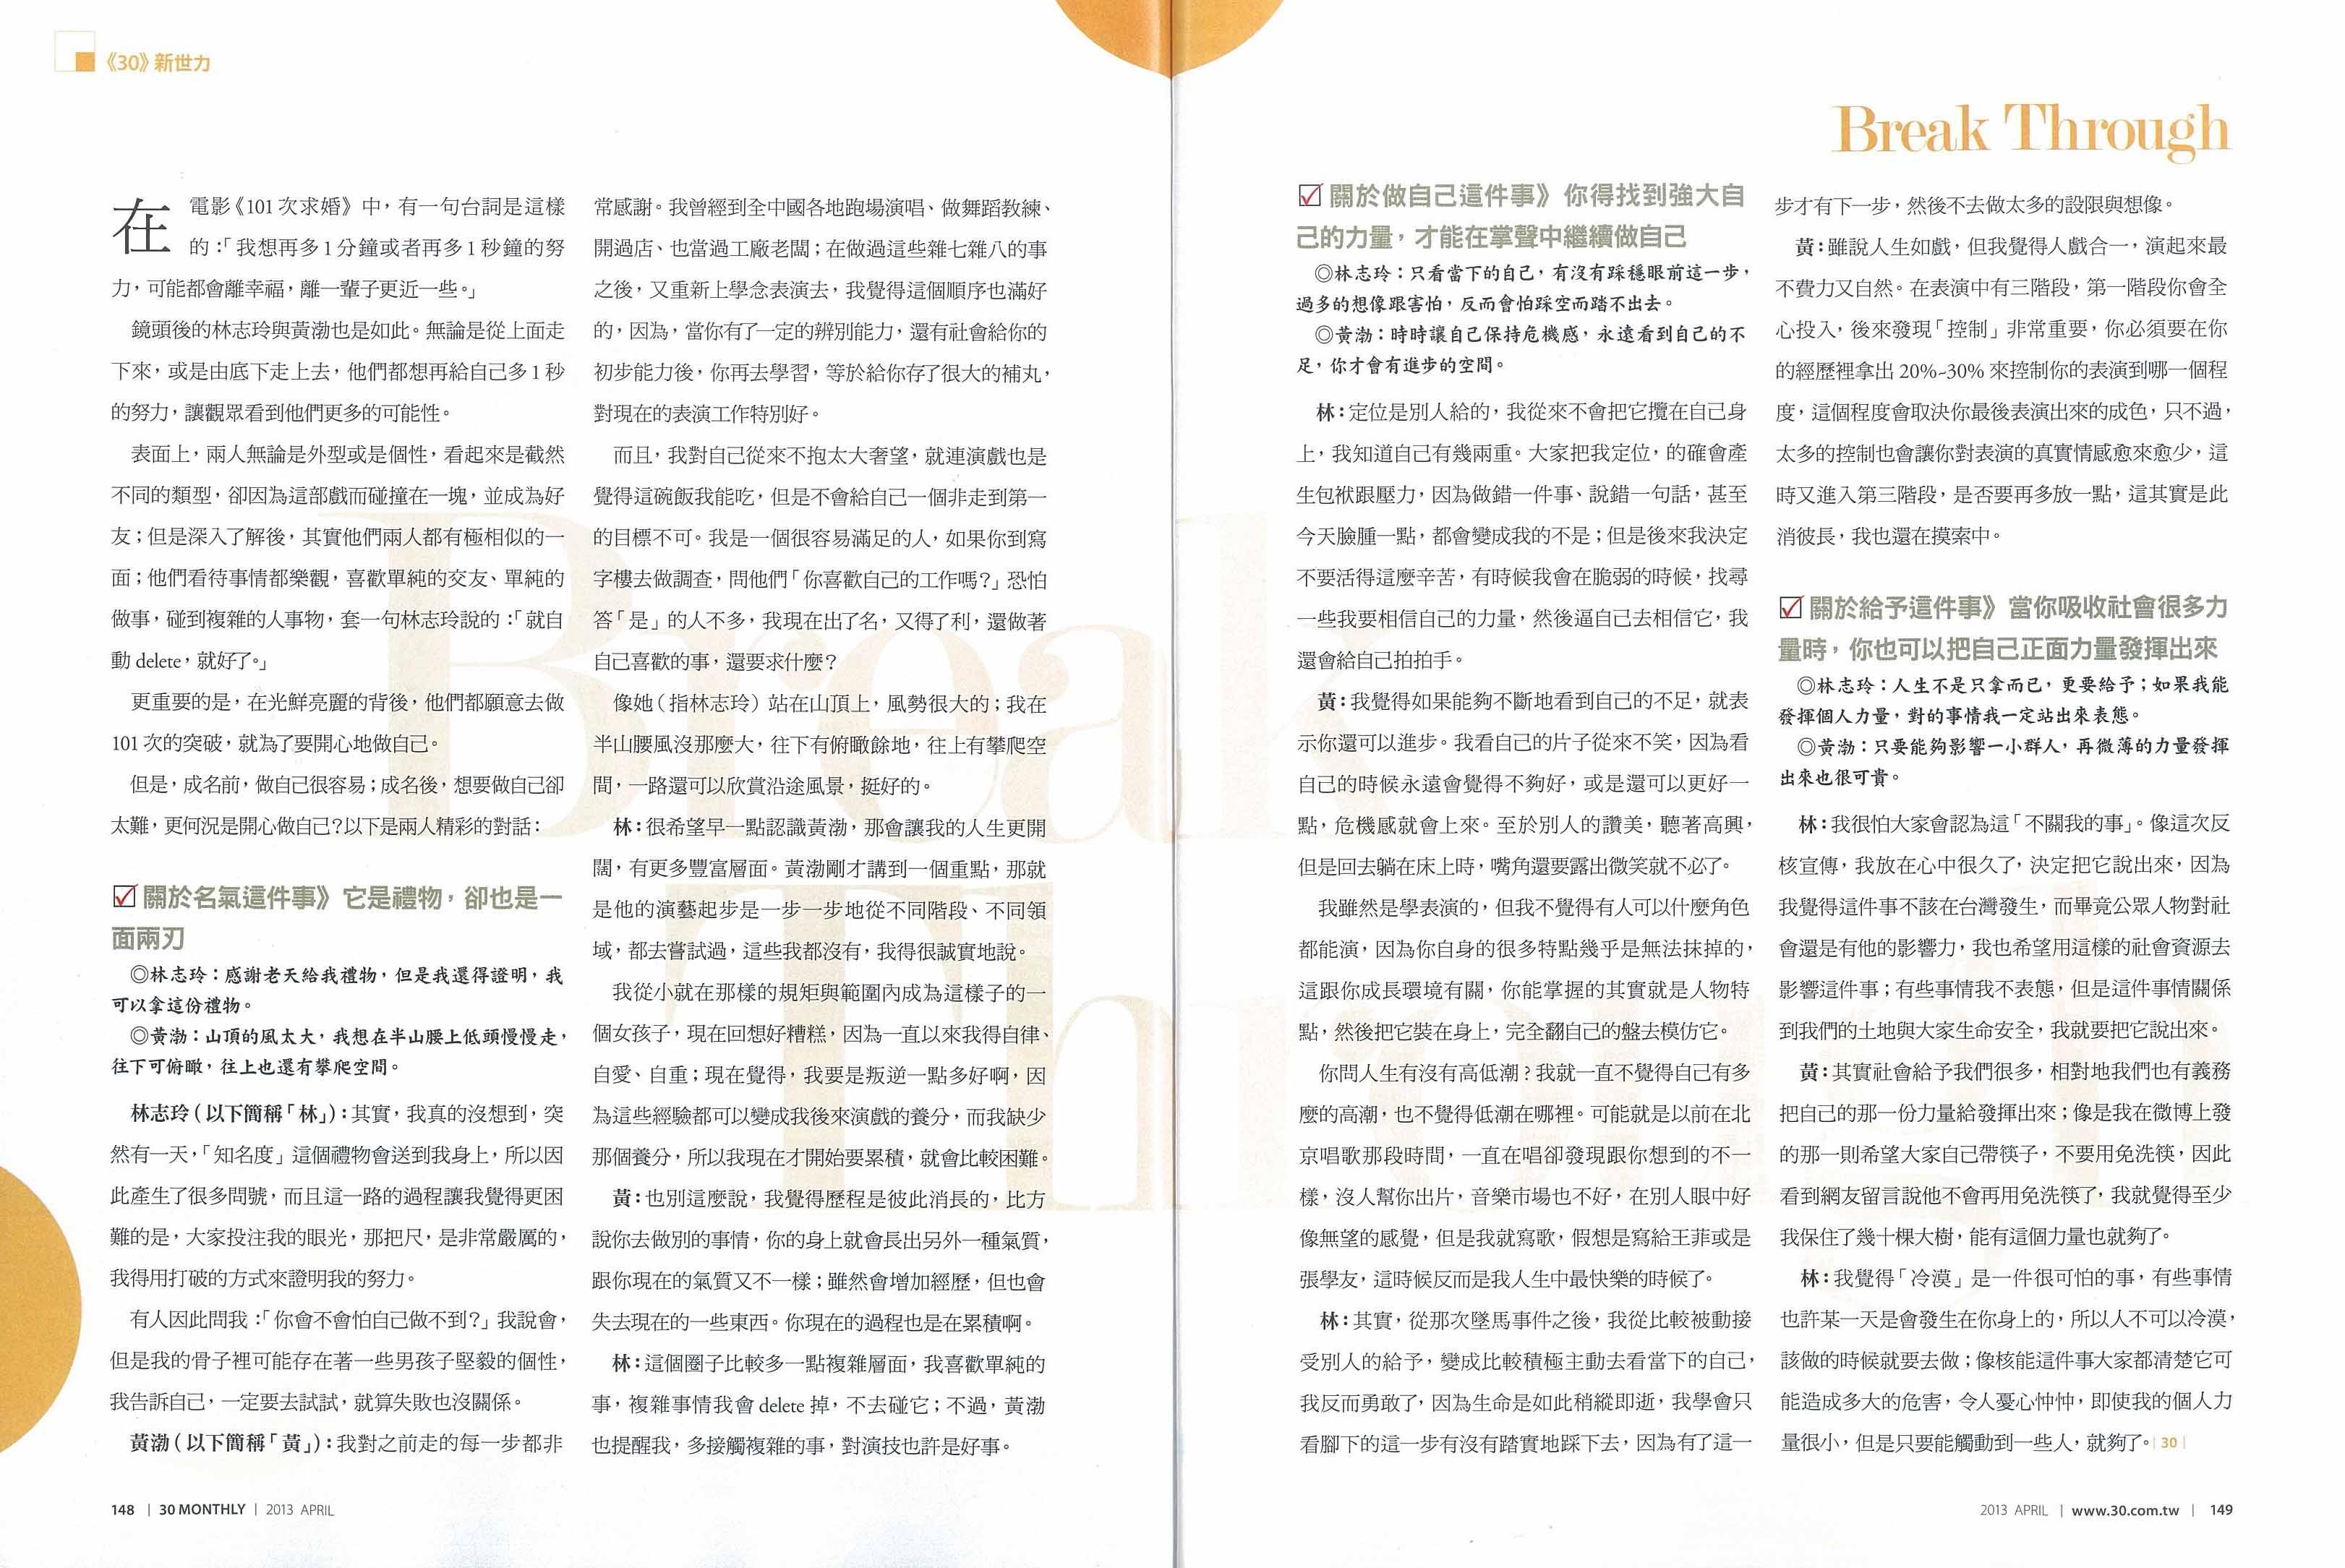 MG露出_2013.04.01_《101次求婚》_30雜誌_專訪黃渤、林志玲_5-6